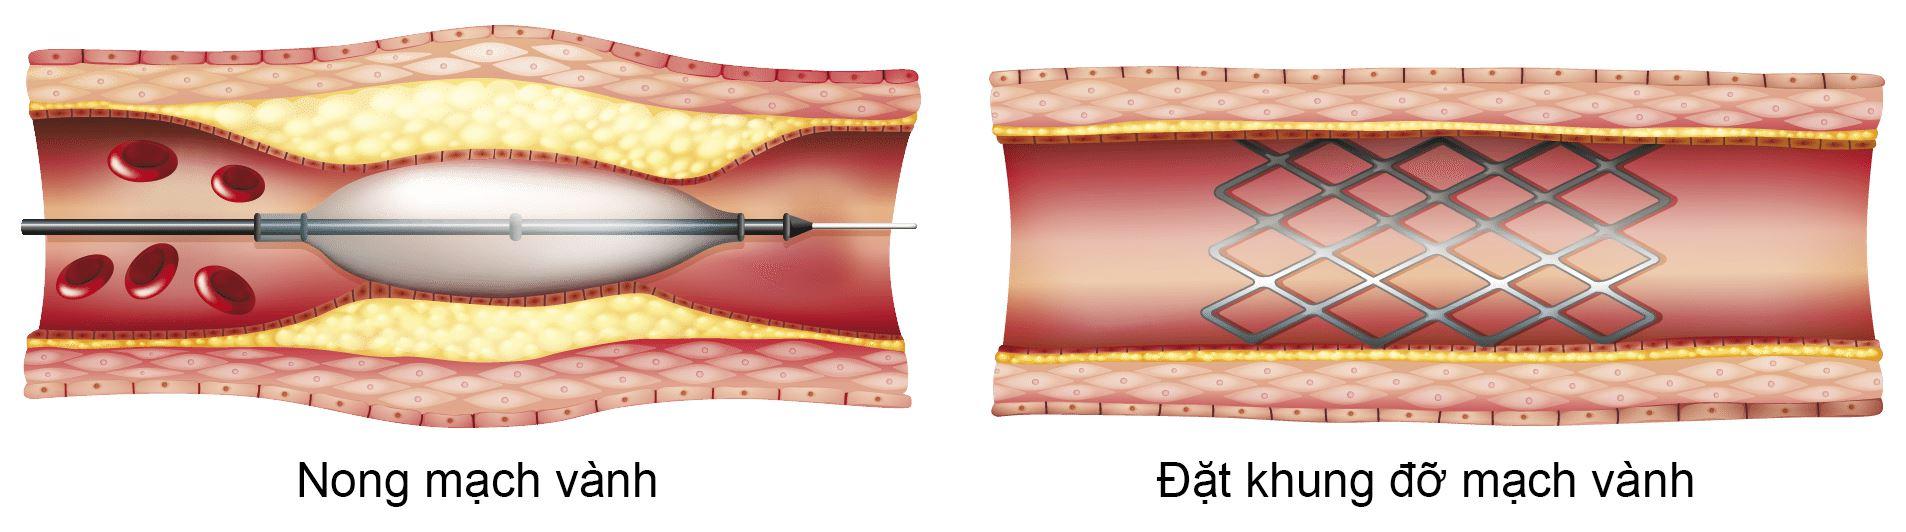 Nong mạch vành và đặt khung đỡ mạch vành